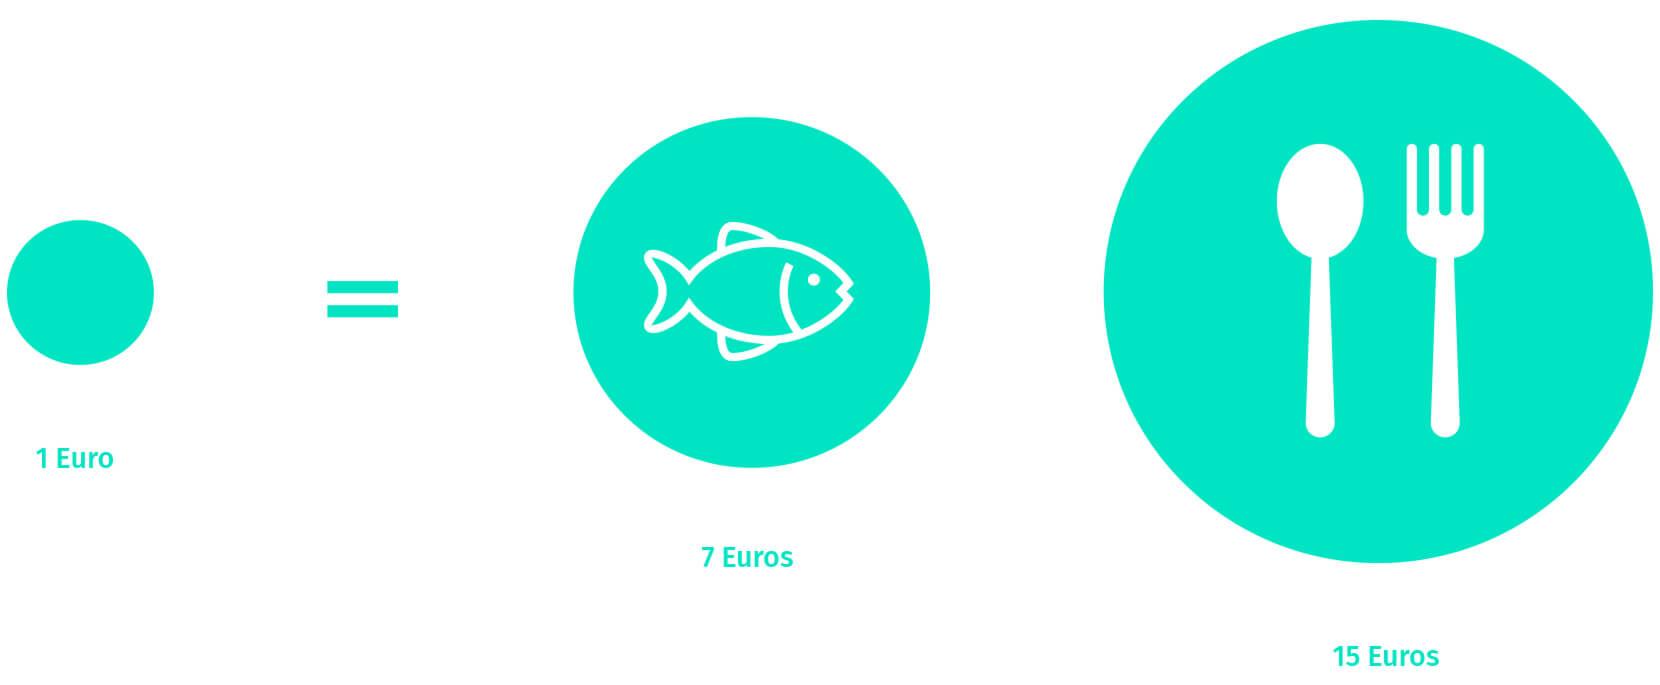 un-euro-invertido-innovacion-desarrollo-siete-industria-pesquera-quince-alimenatria-sobre-azti